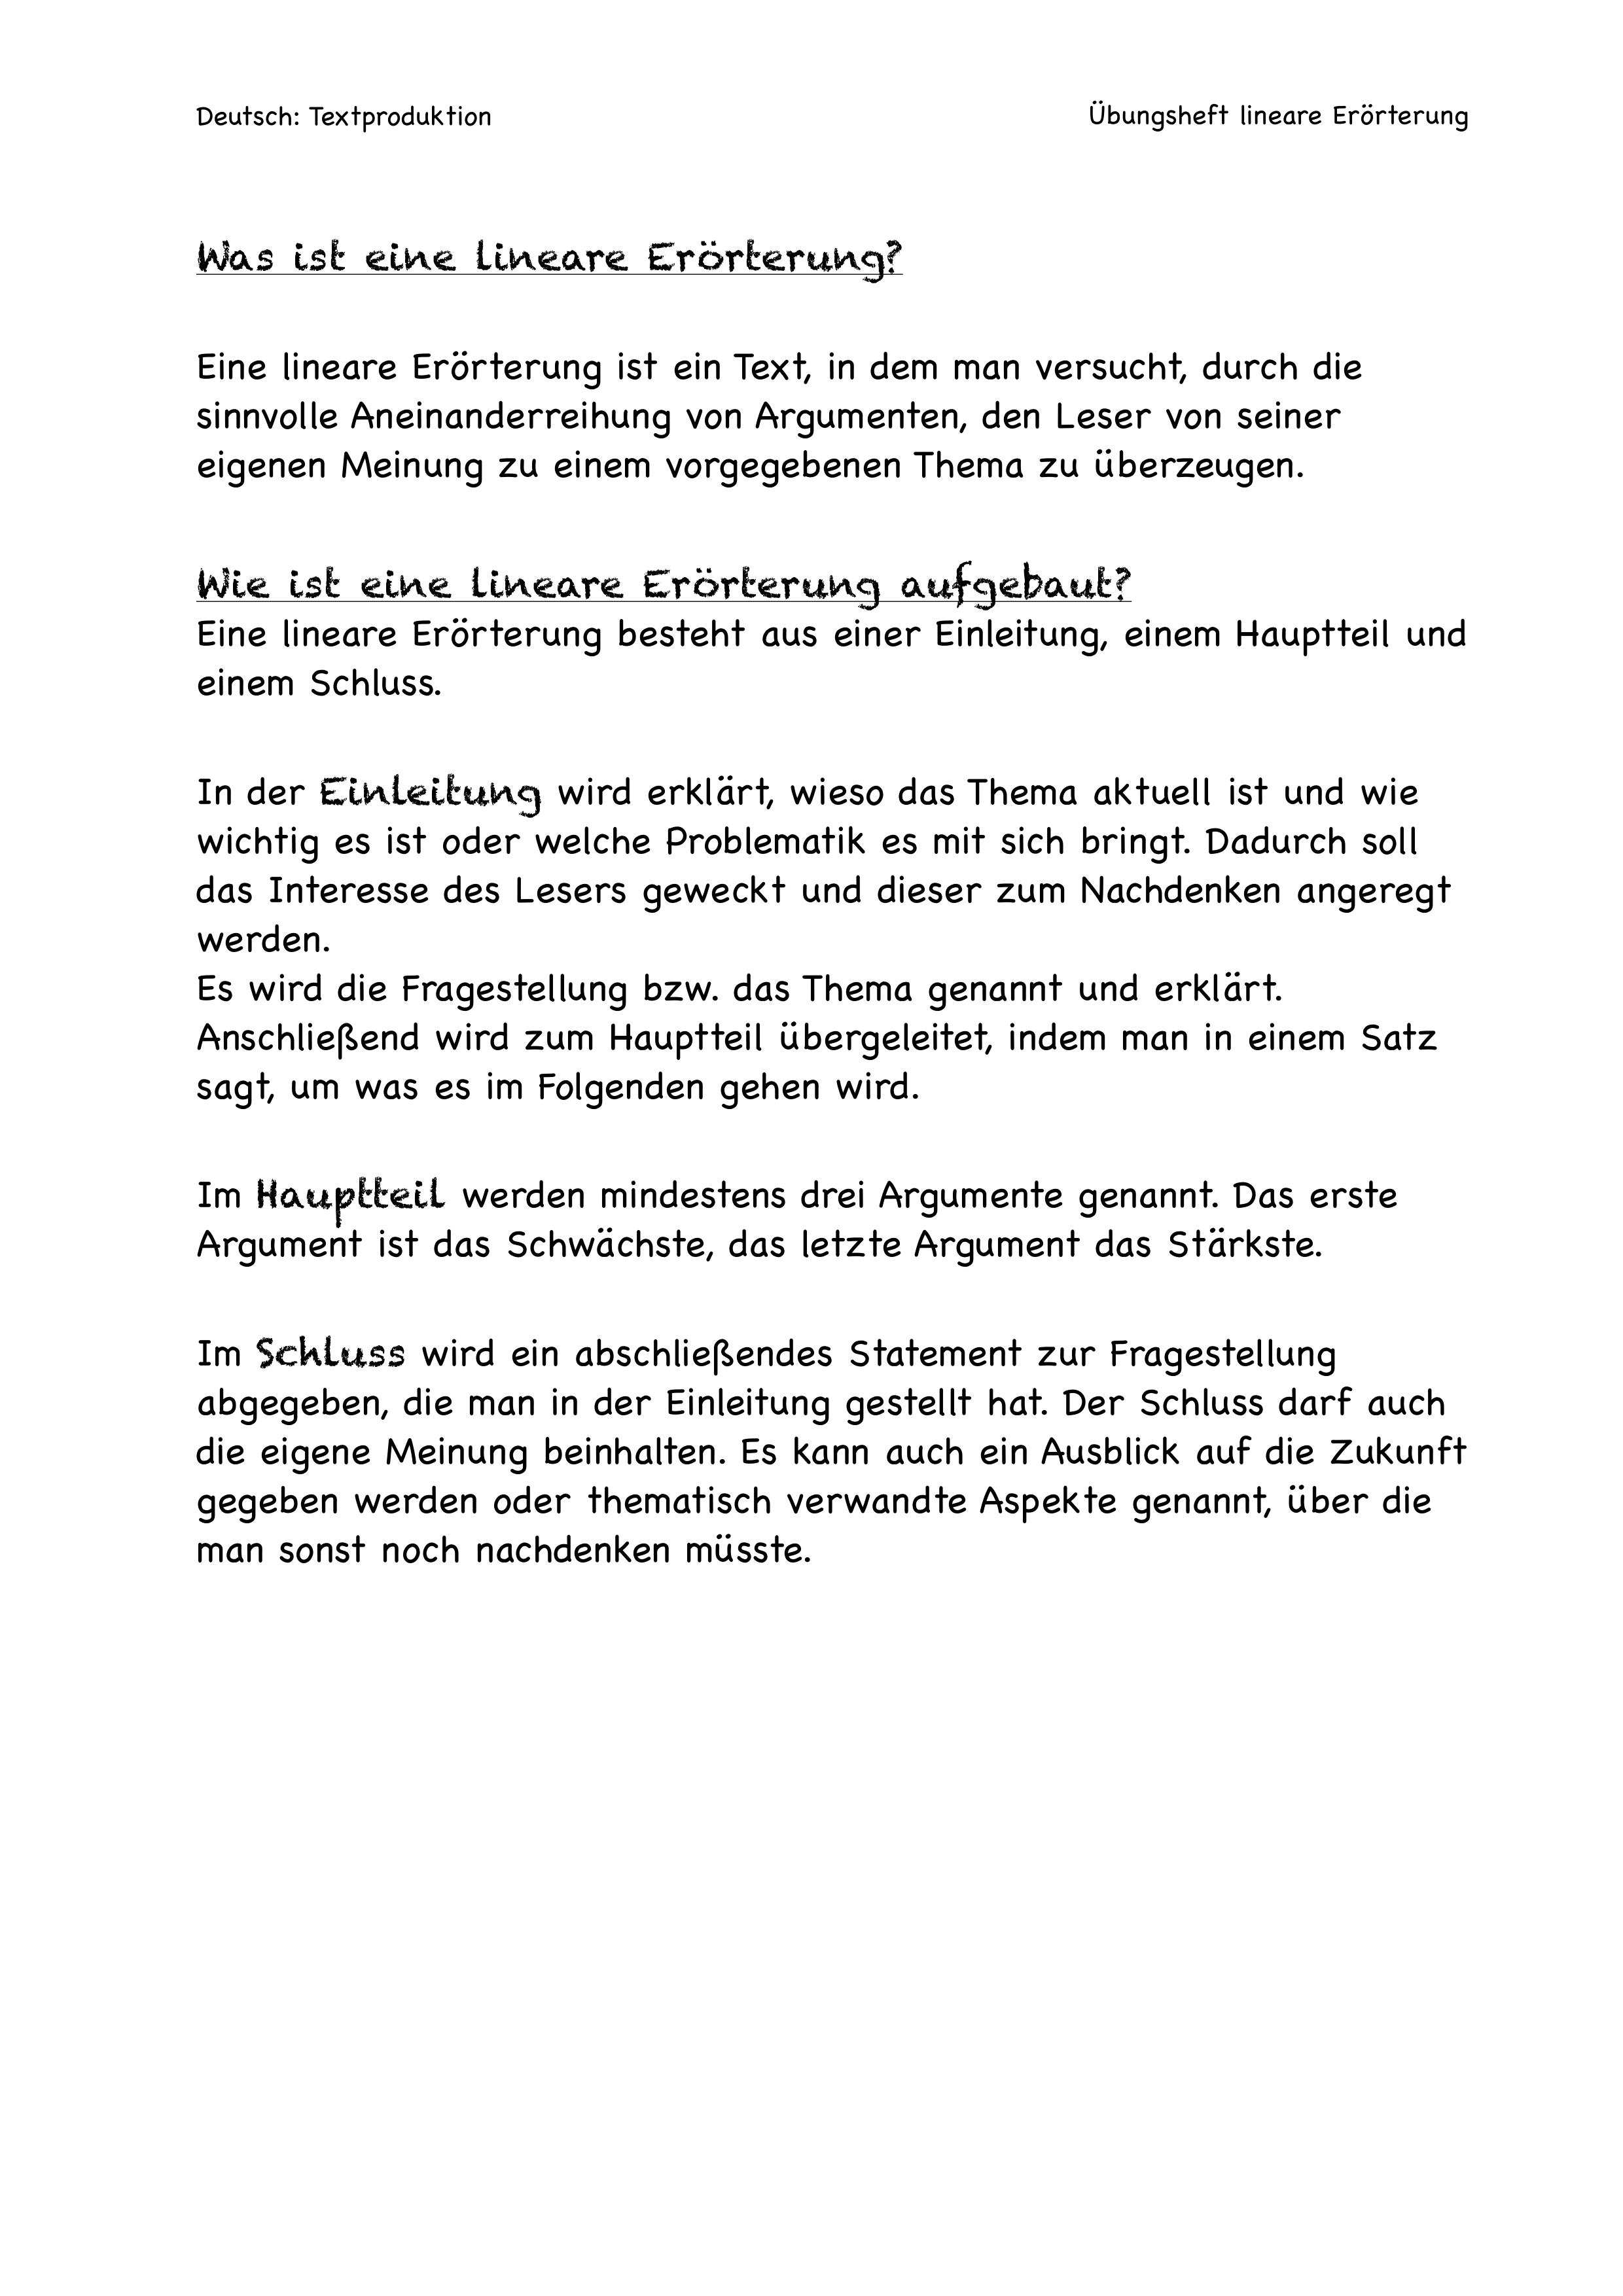 Deutsch Textproduktion Erorterung Trainingsheft Zum Teilen Unterrichtsmaterial Im Fach Deutsch In 2020 Deutsch Unterricht Erorterung Soziales Lernen